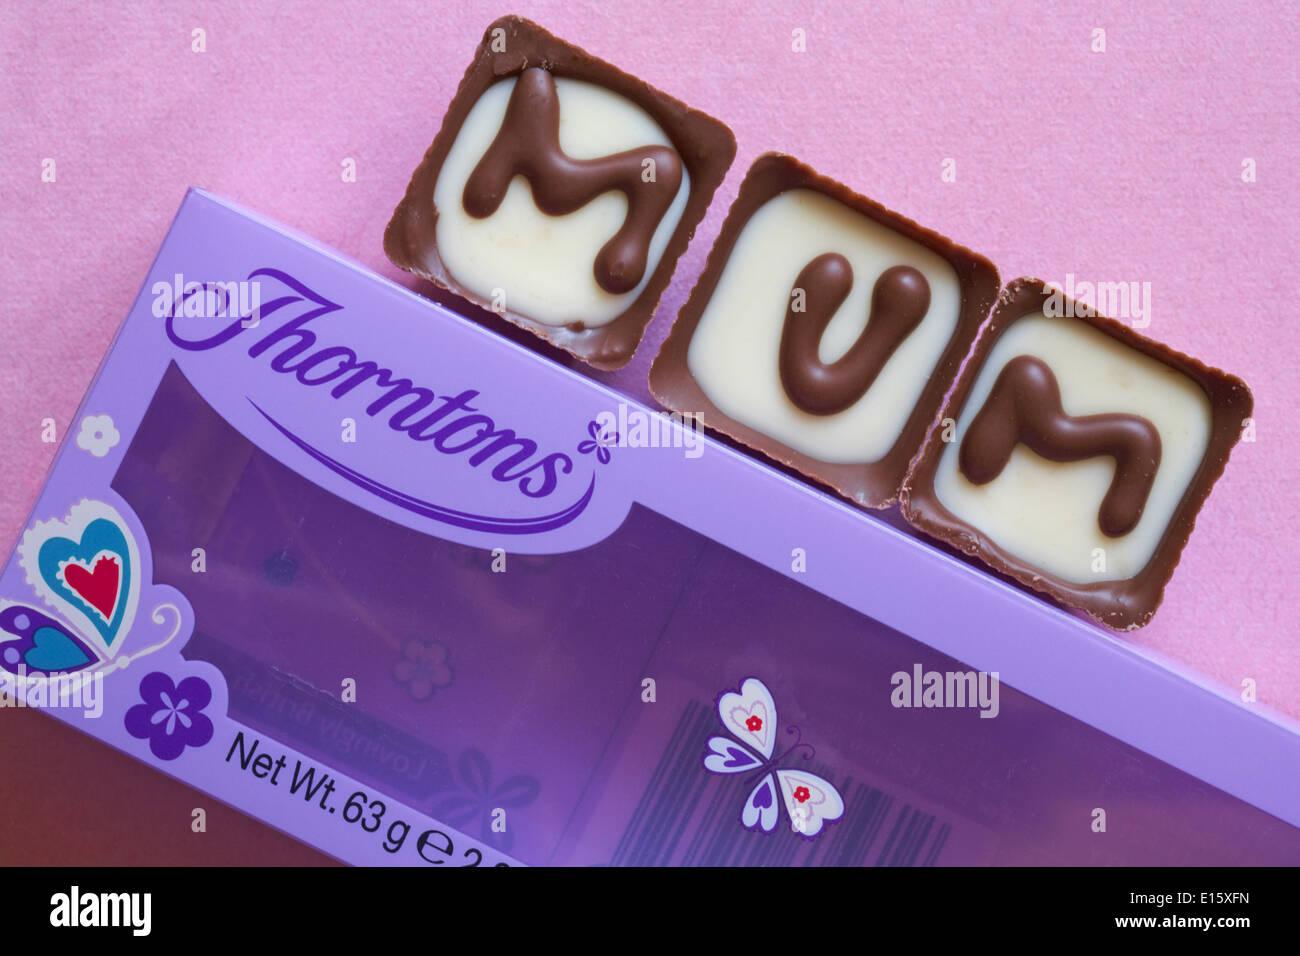 Thorntons Maman chocolats pour la Fête des Mères, le maternage dimanche sur fond rose Photo Stock